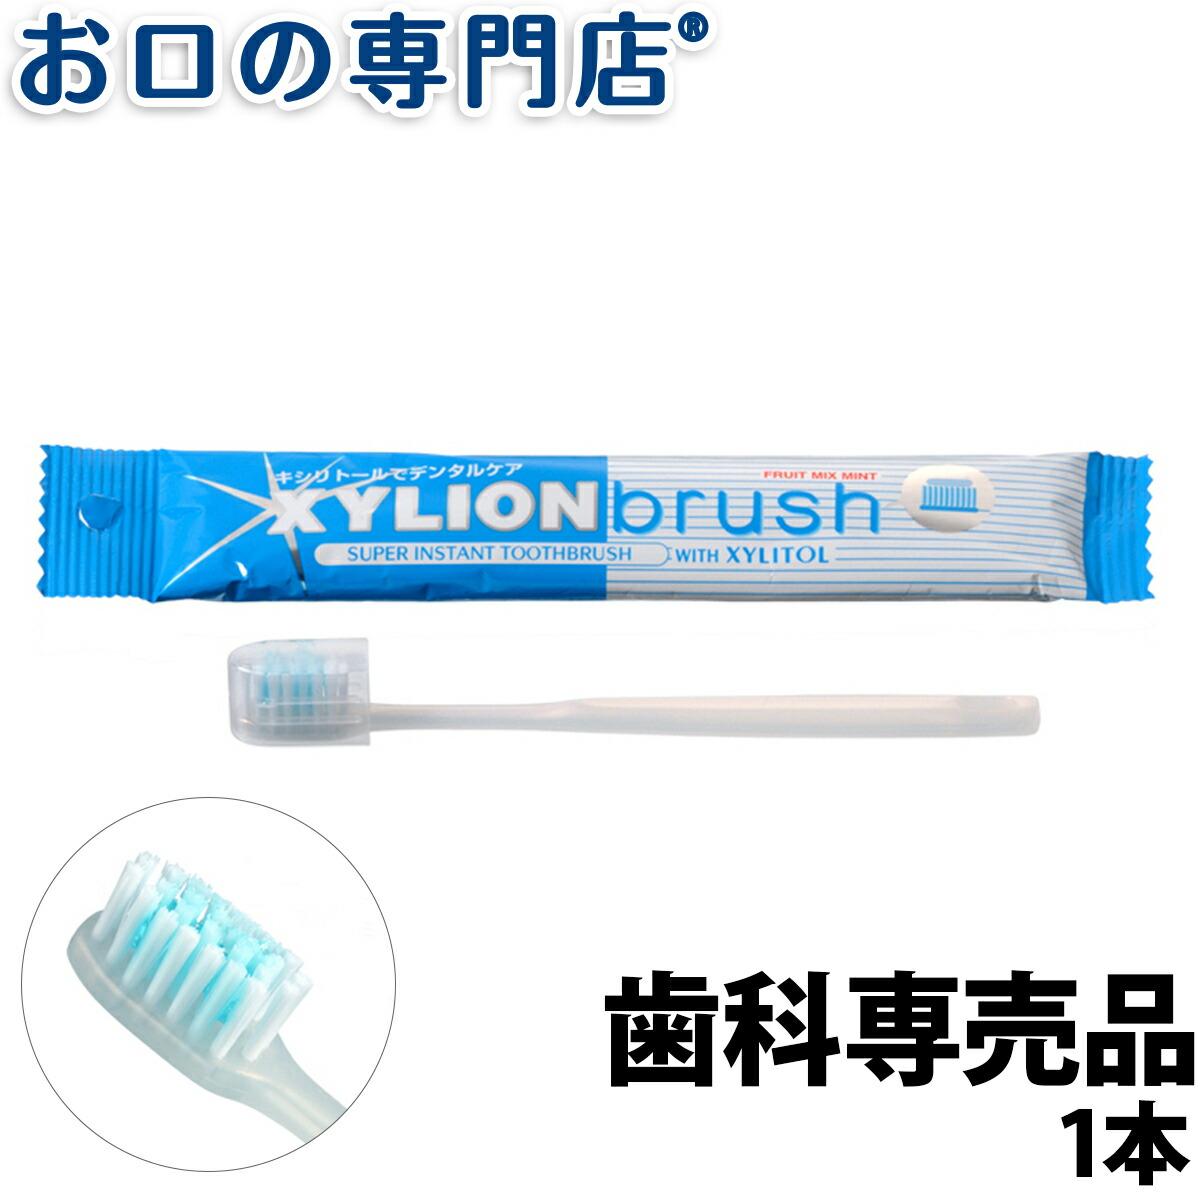 オキナ キシリオンブラシ 歯ブラシ 1本